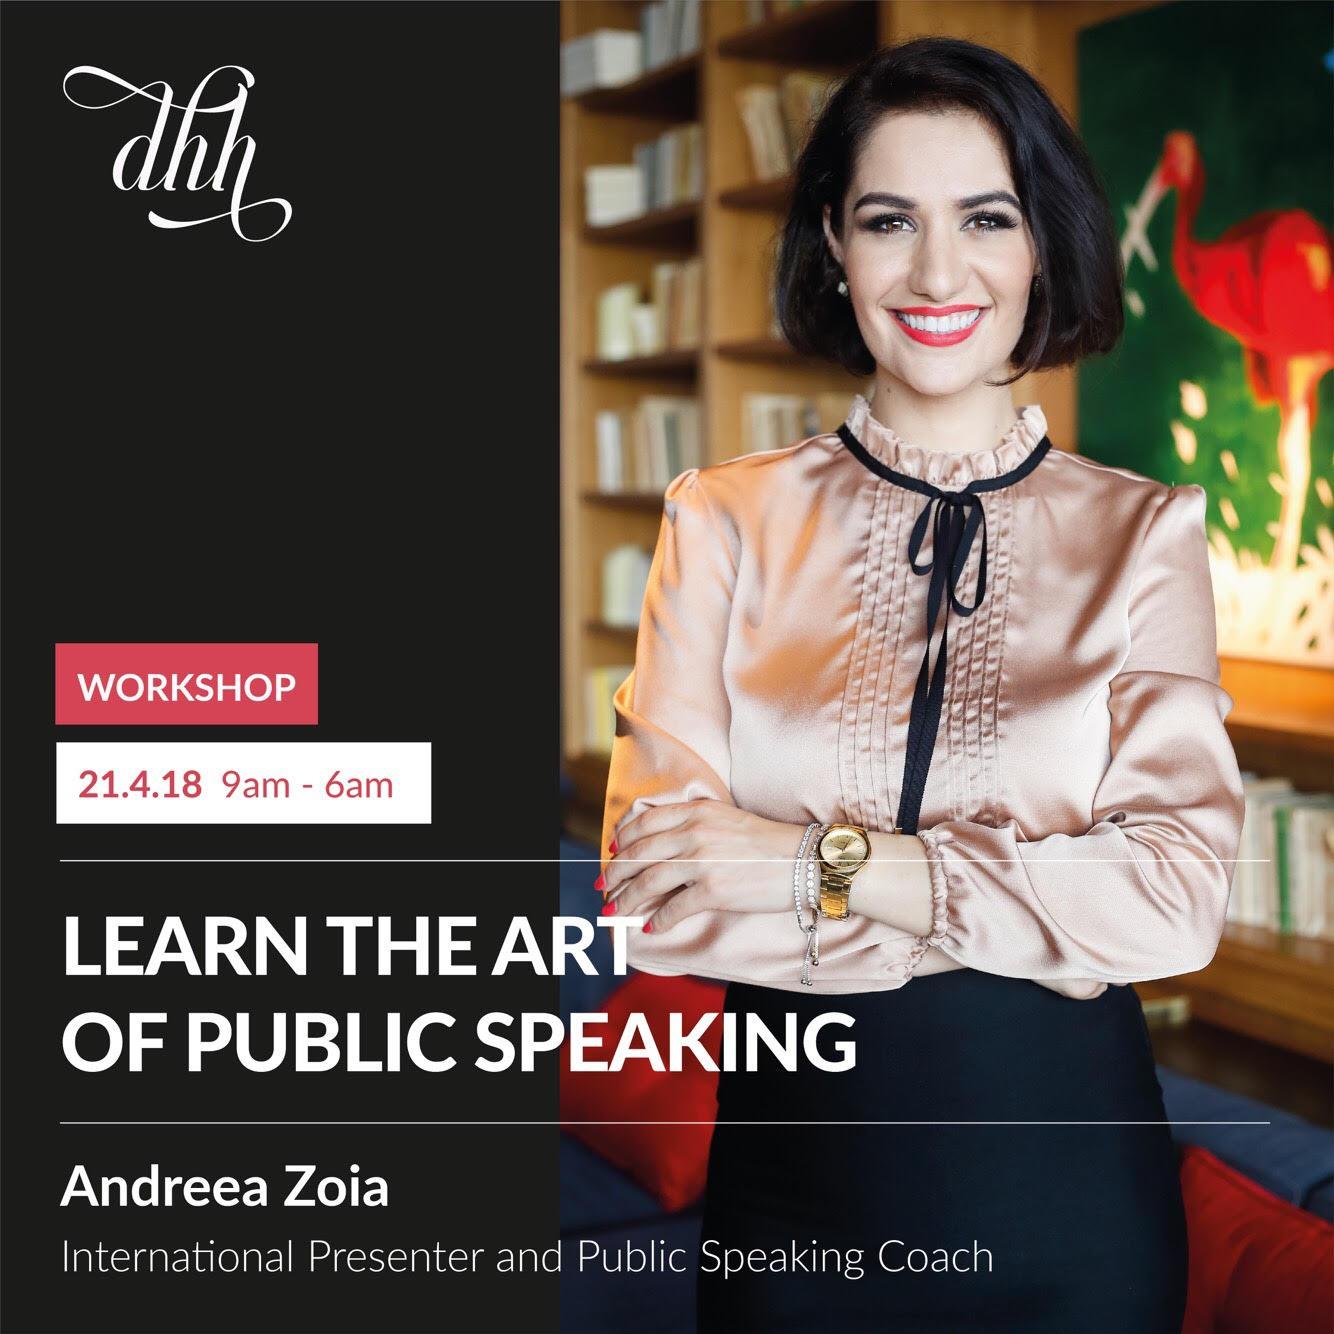 Andreea Zoia